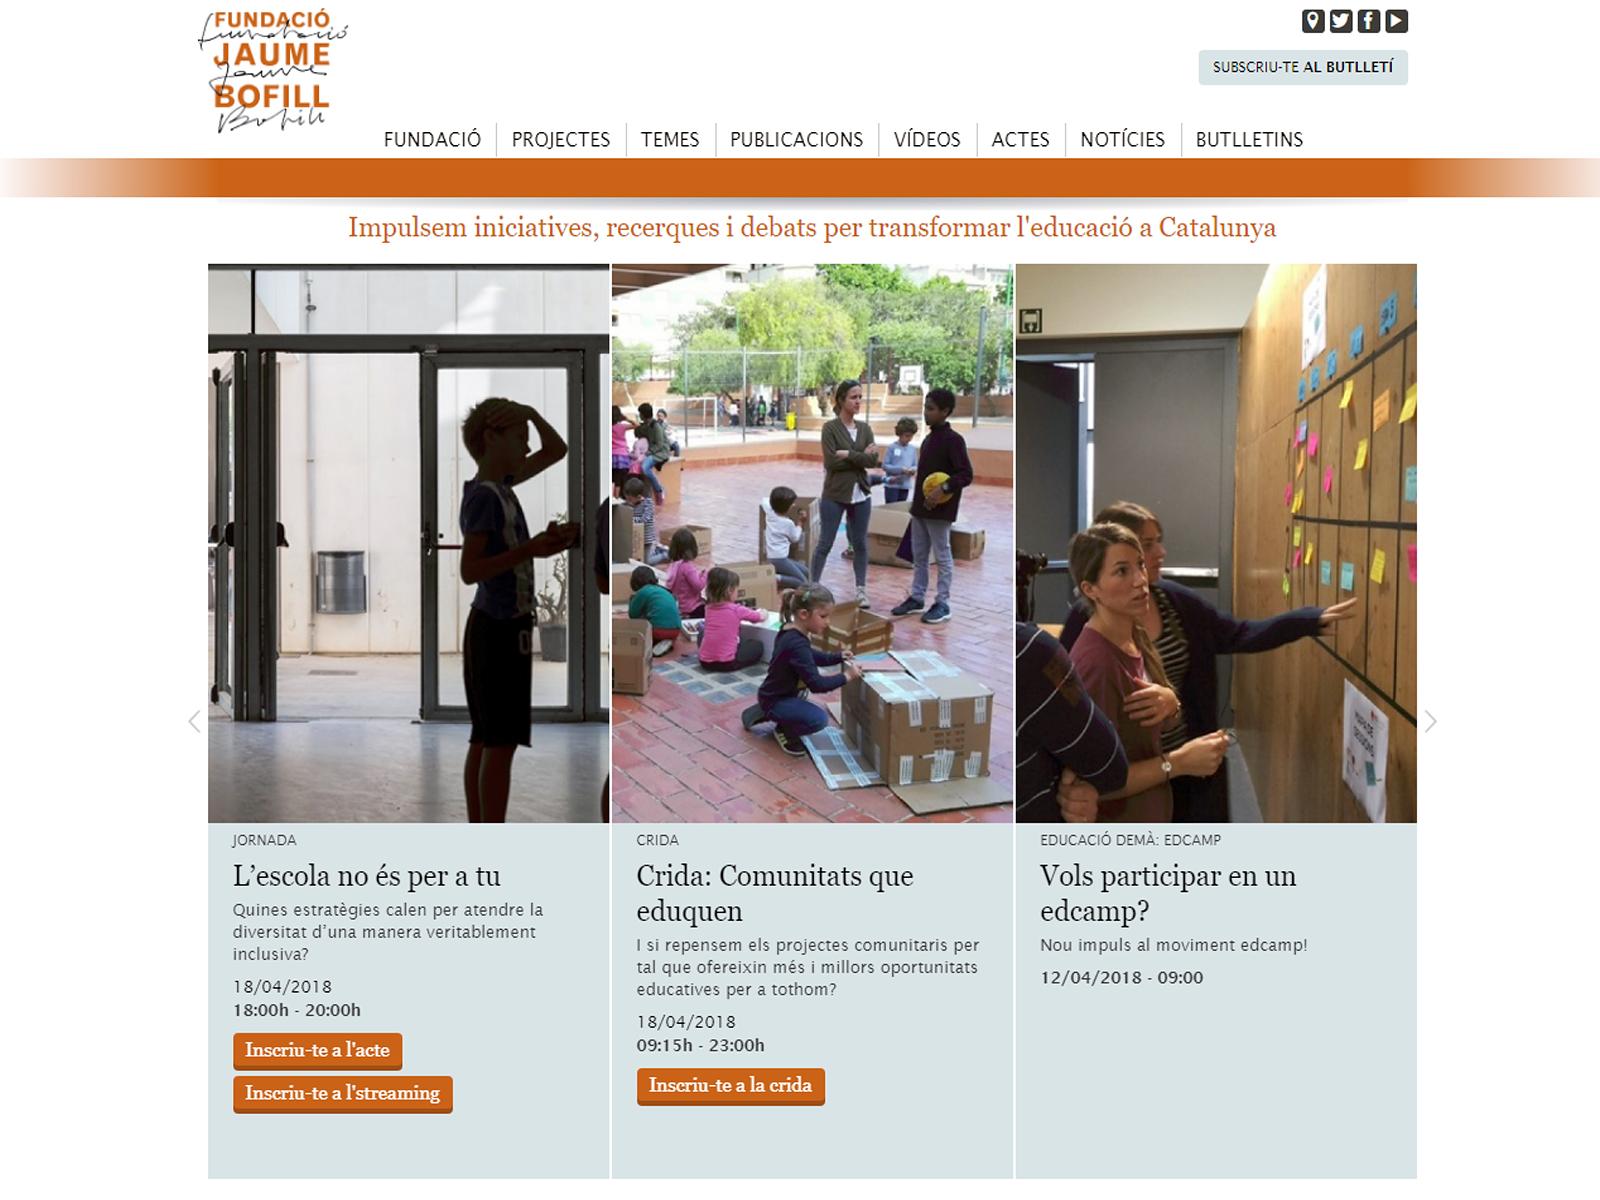 Projecte - motion graphics - Fundació Jaume Bofill - Iuris.doc | Màrqueting de continguts